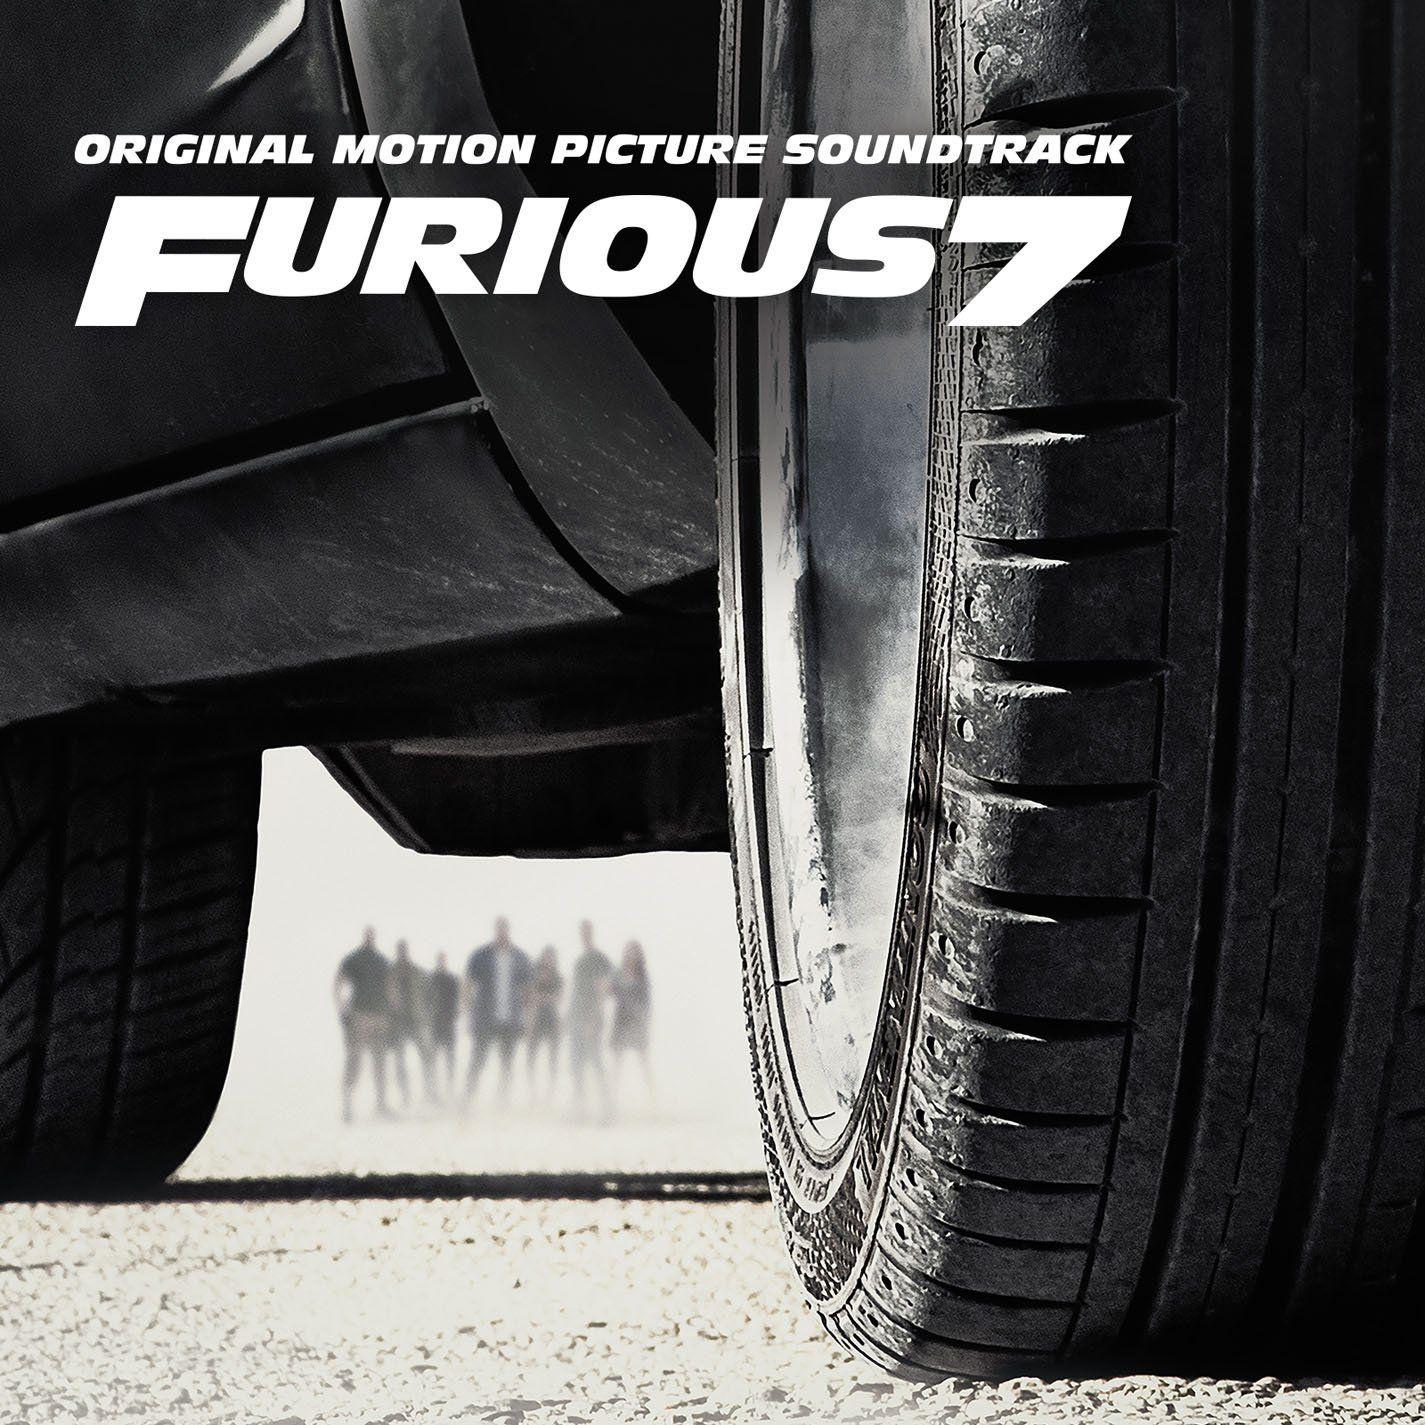 Soundtrack - Furious 7 album cover